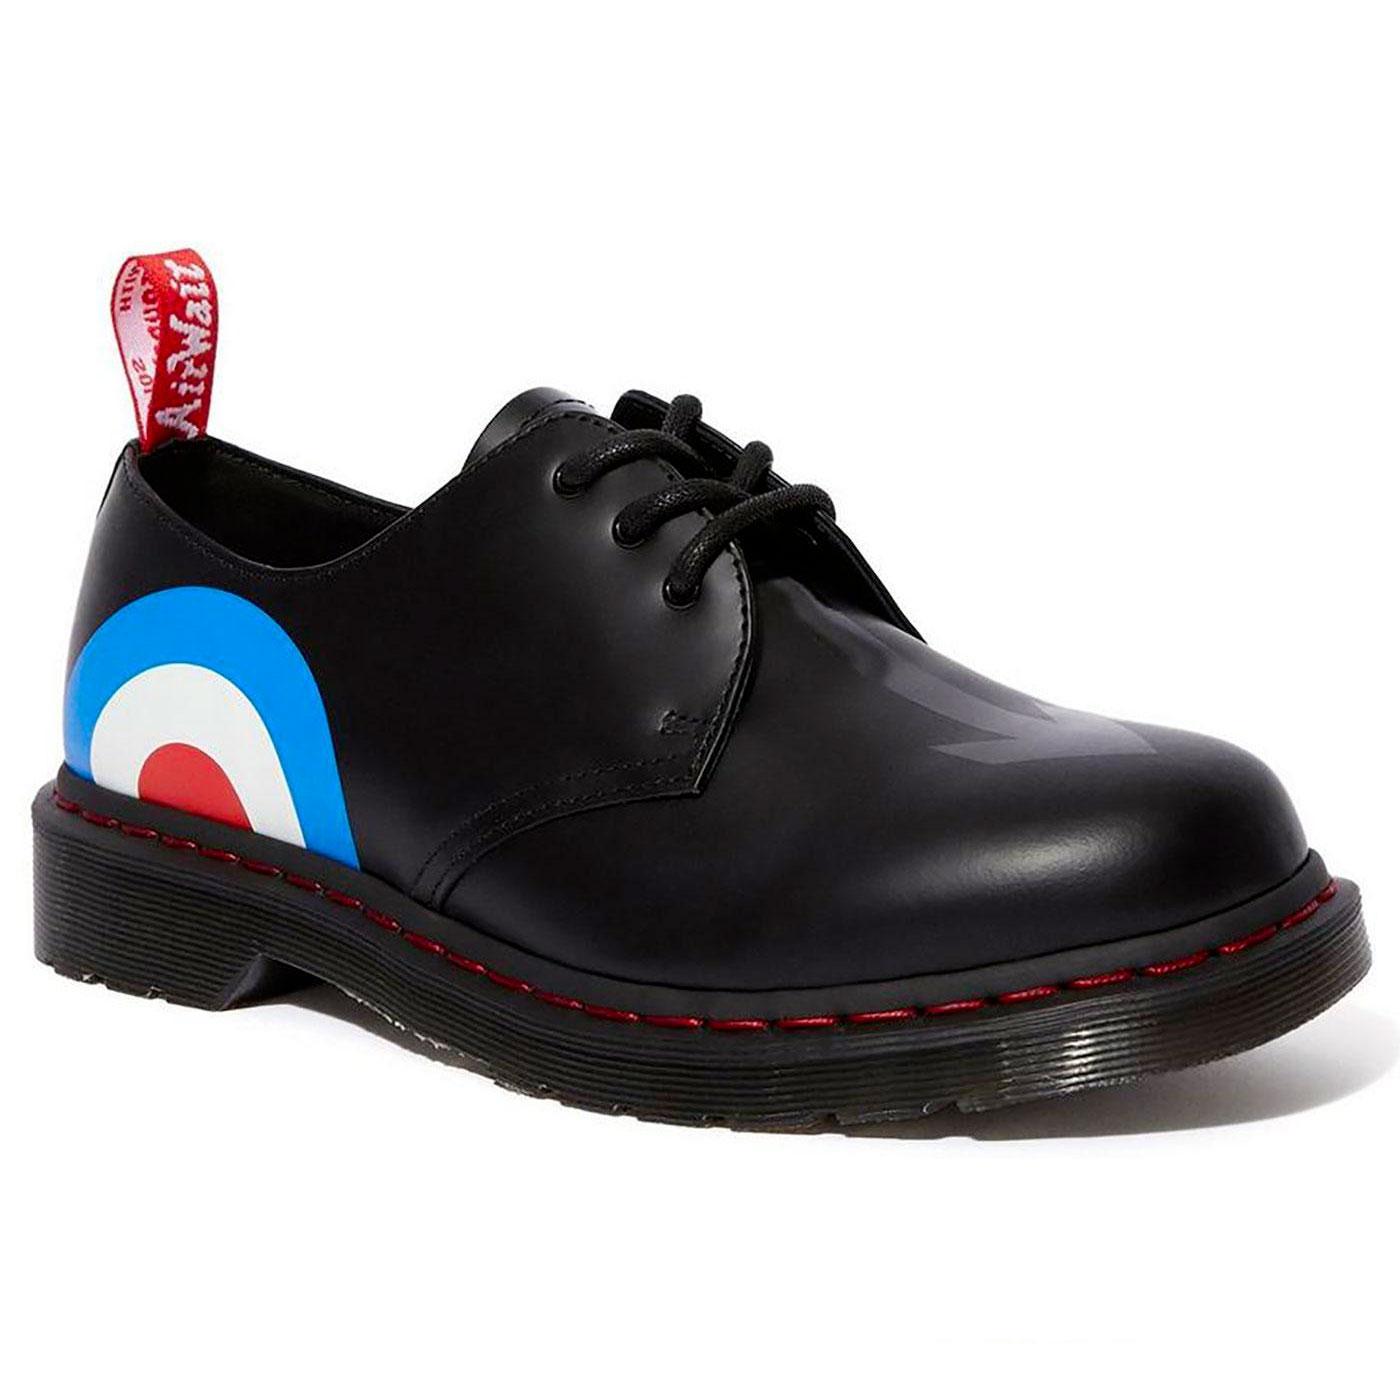 DR MARTENS X THE WHO 1461 Men's 60s Mod Shoes